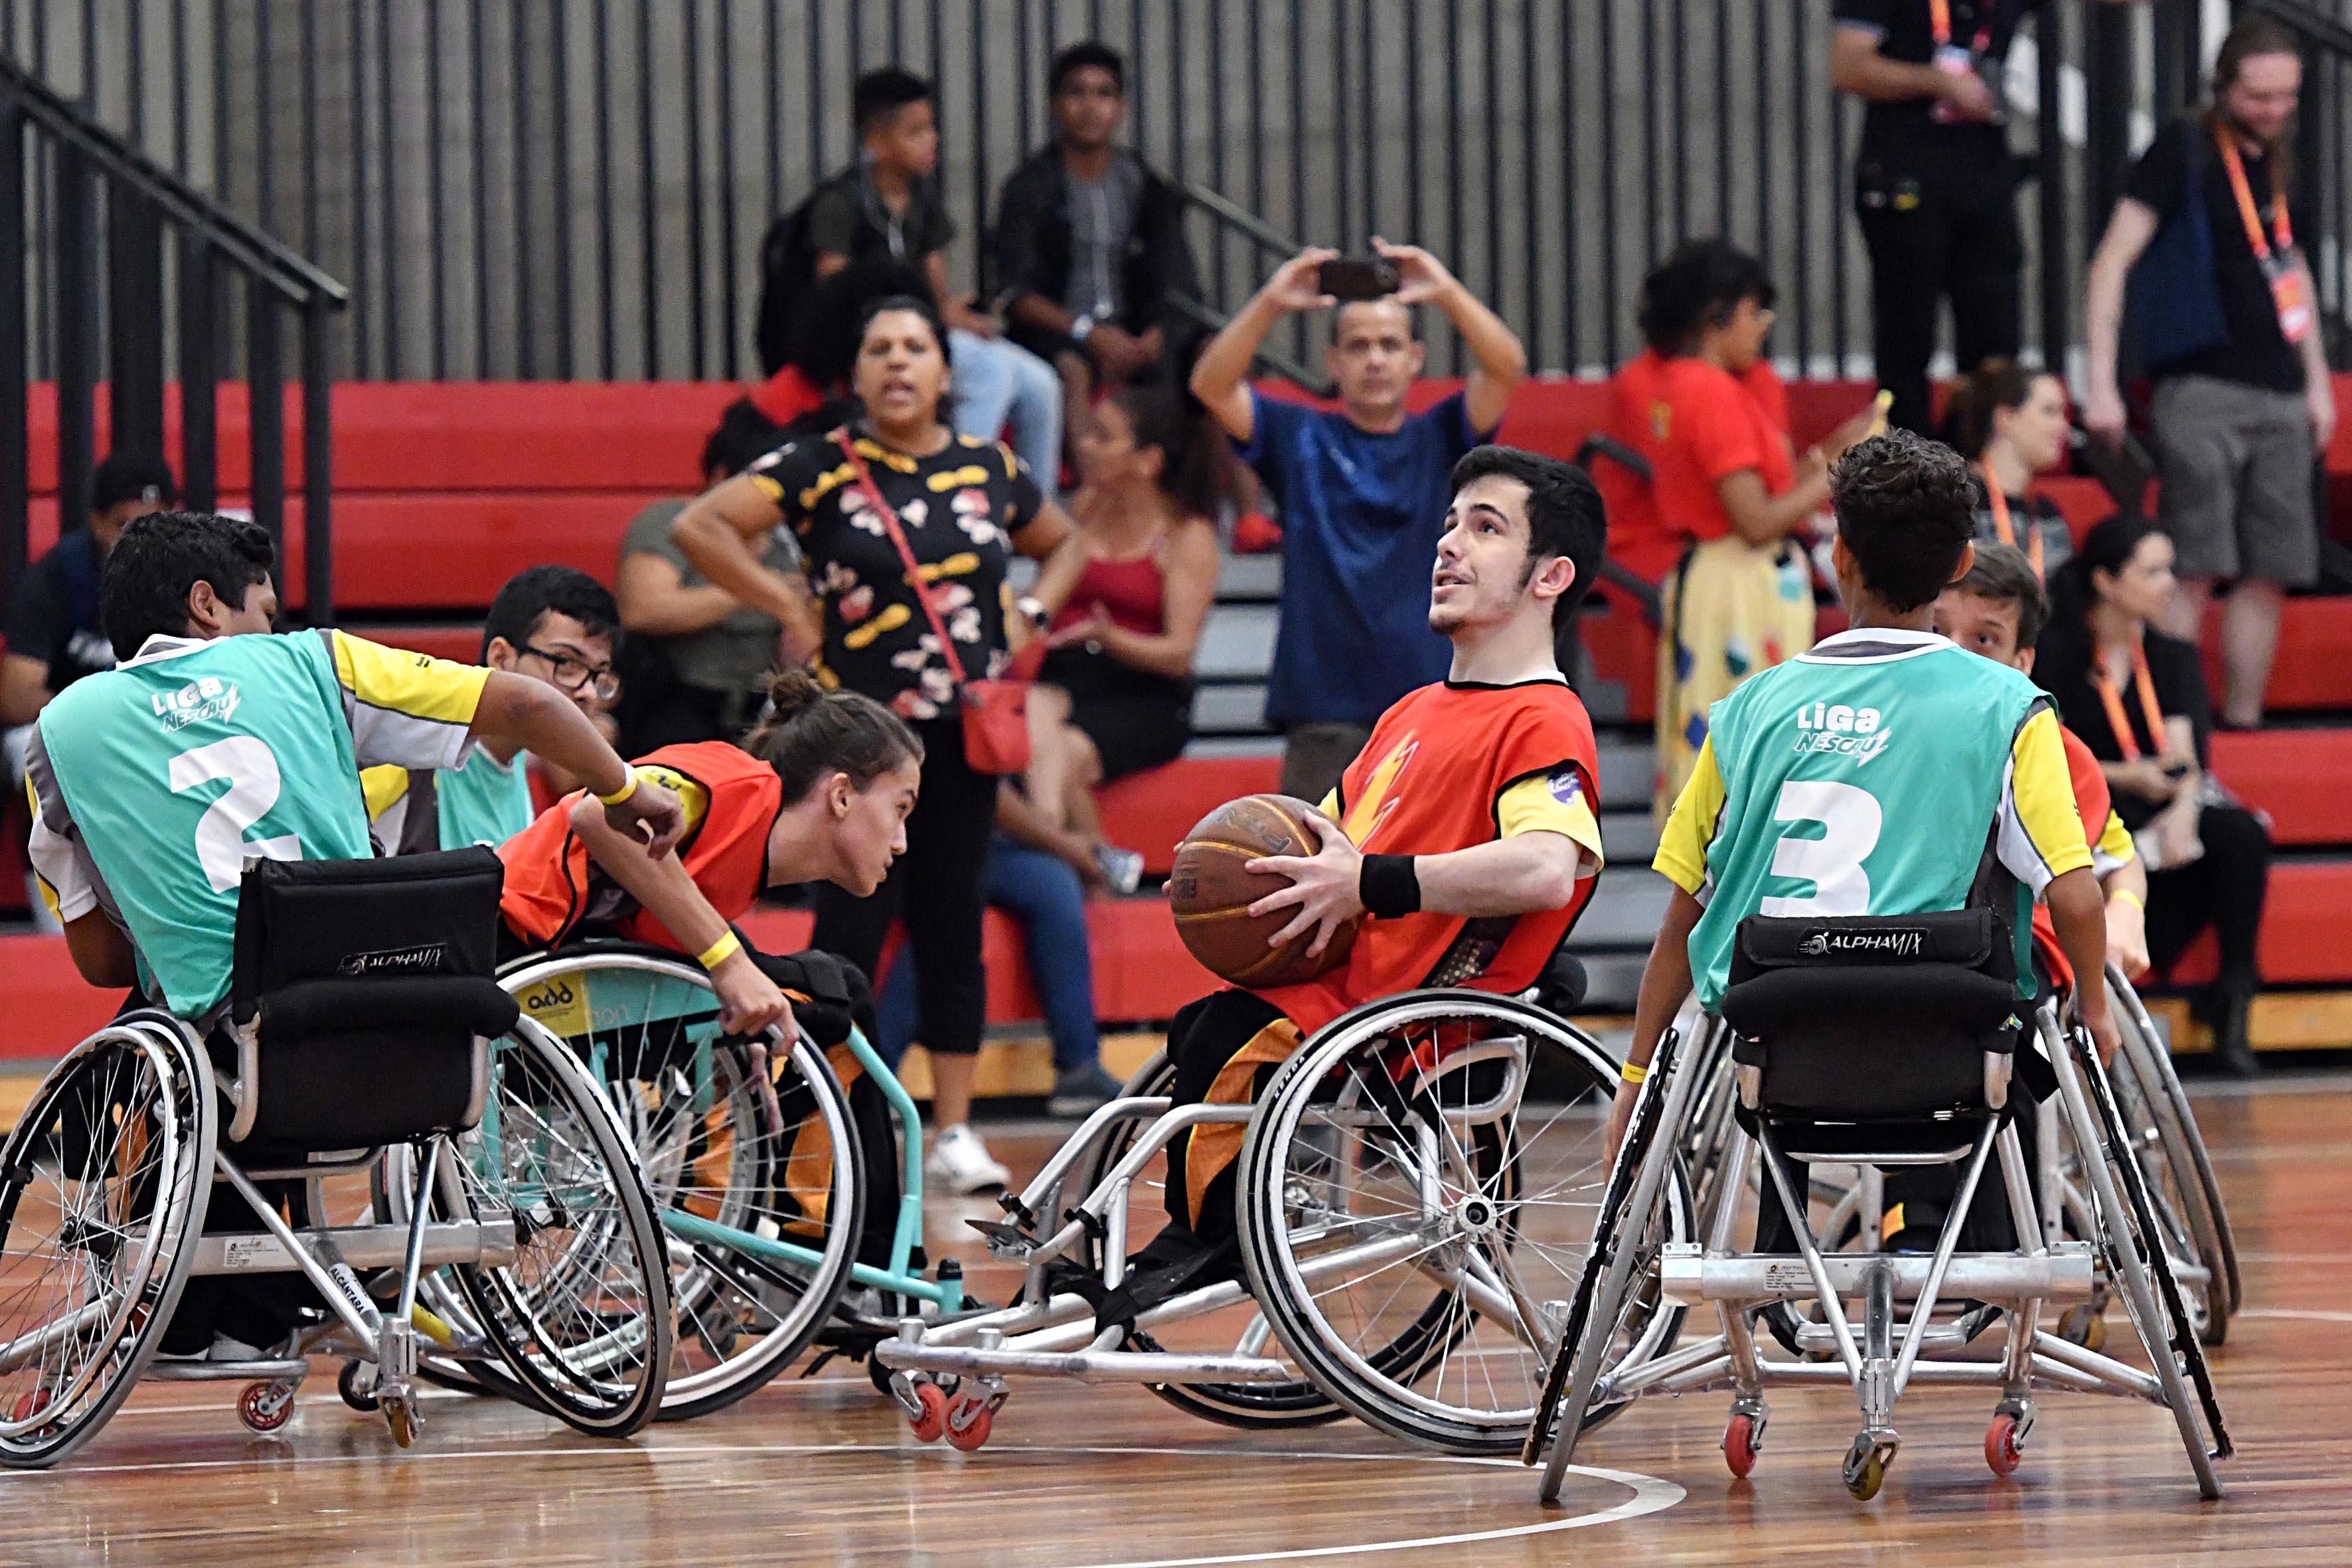 Liga Nescau reúne 4 mil alunos com e sem deficiência em competição estudantil 2